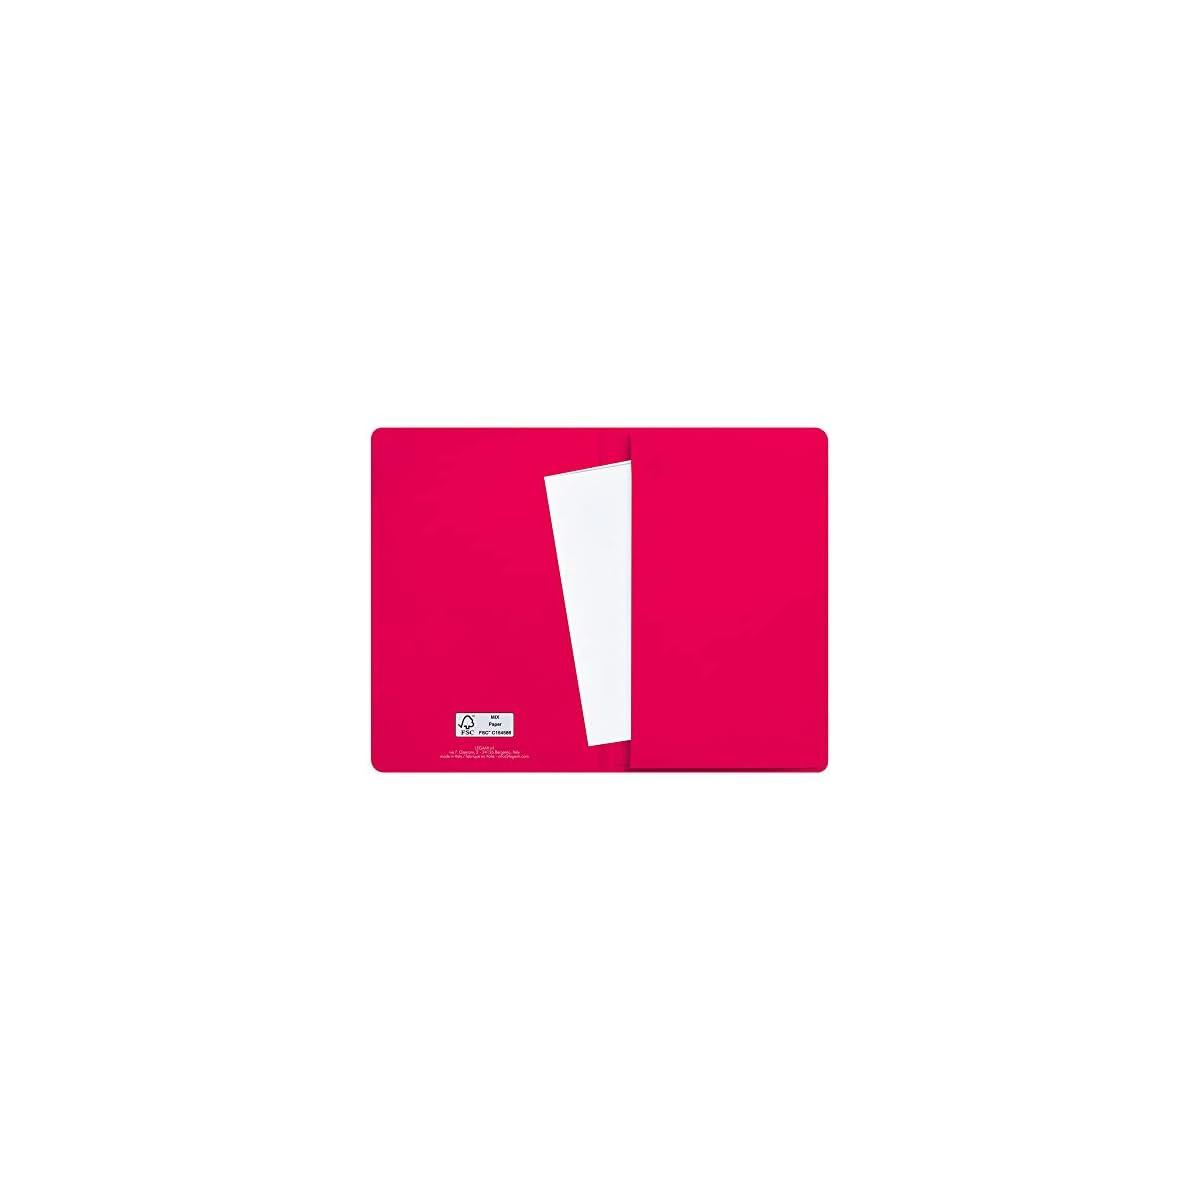 Agenda Settimanale 18 Mesi 2020//2021 Medium con Notebook Legami Cherry Bomb